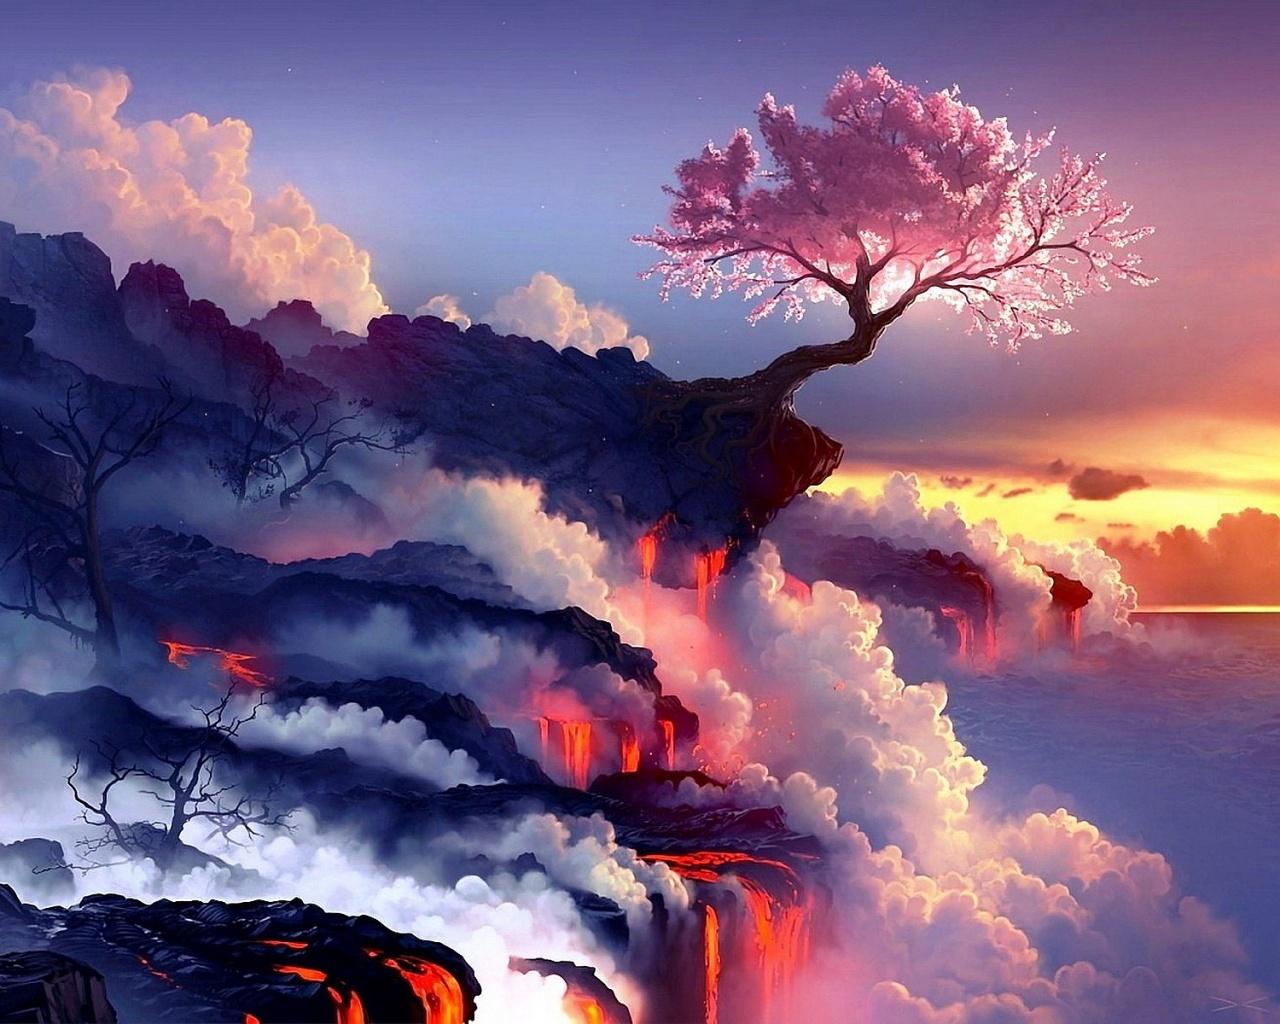 Volcanoes Wallpaper 26   1280 X 1024 stmednet 1280x1024